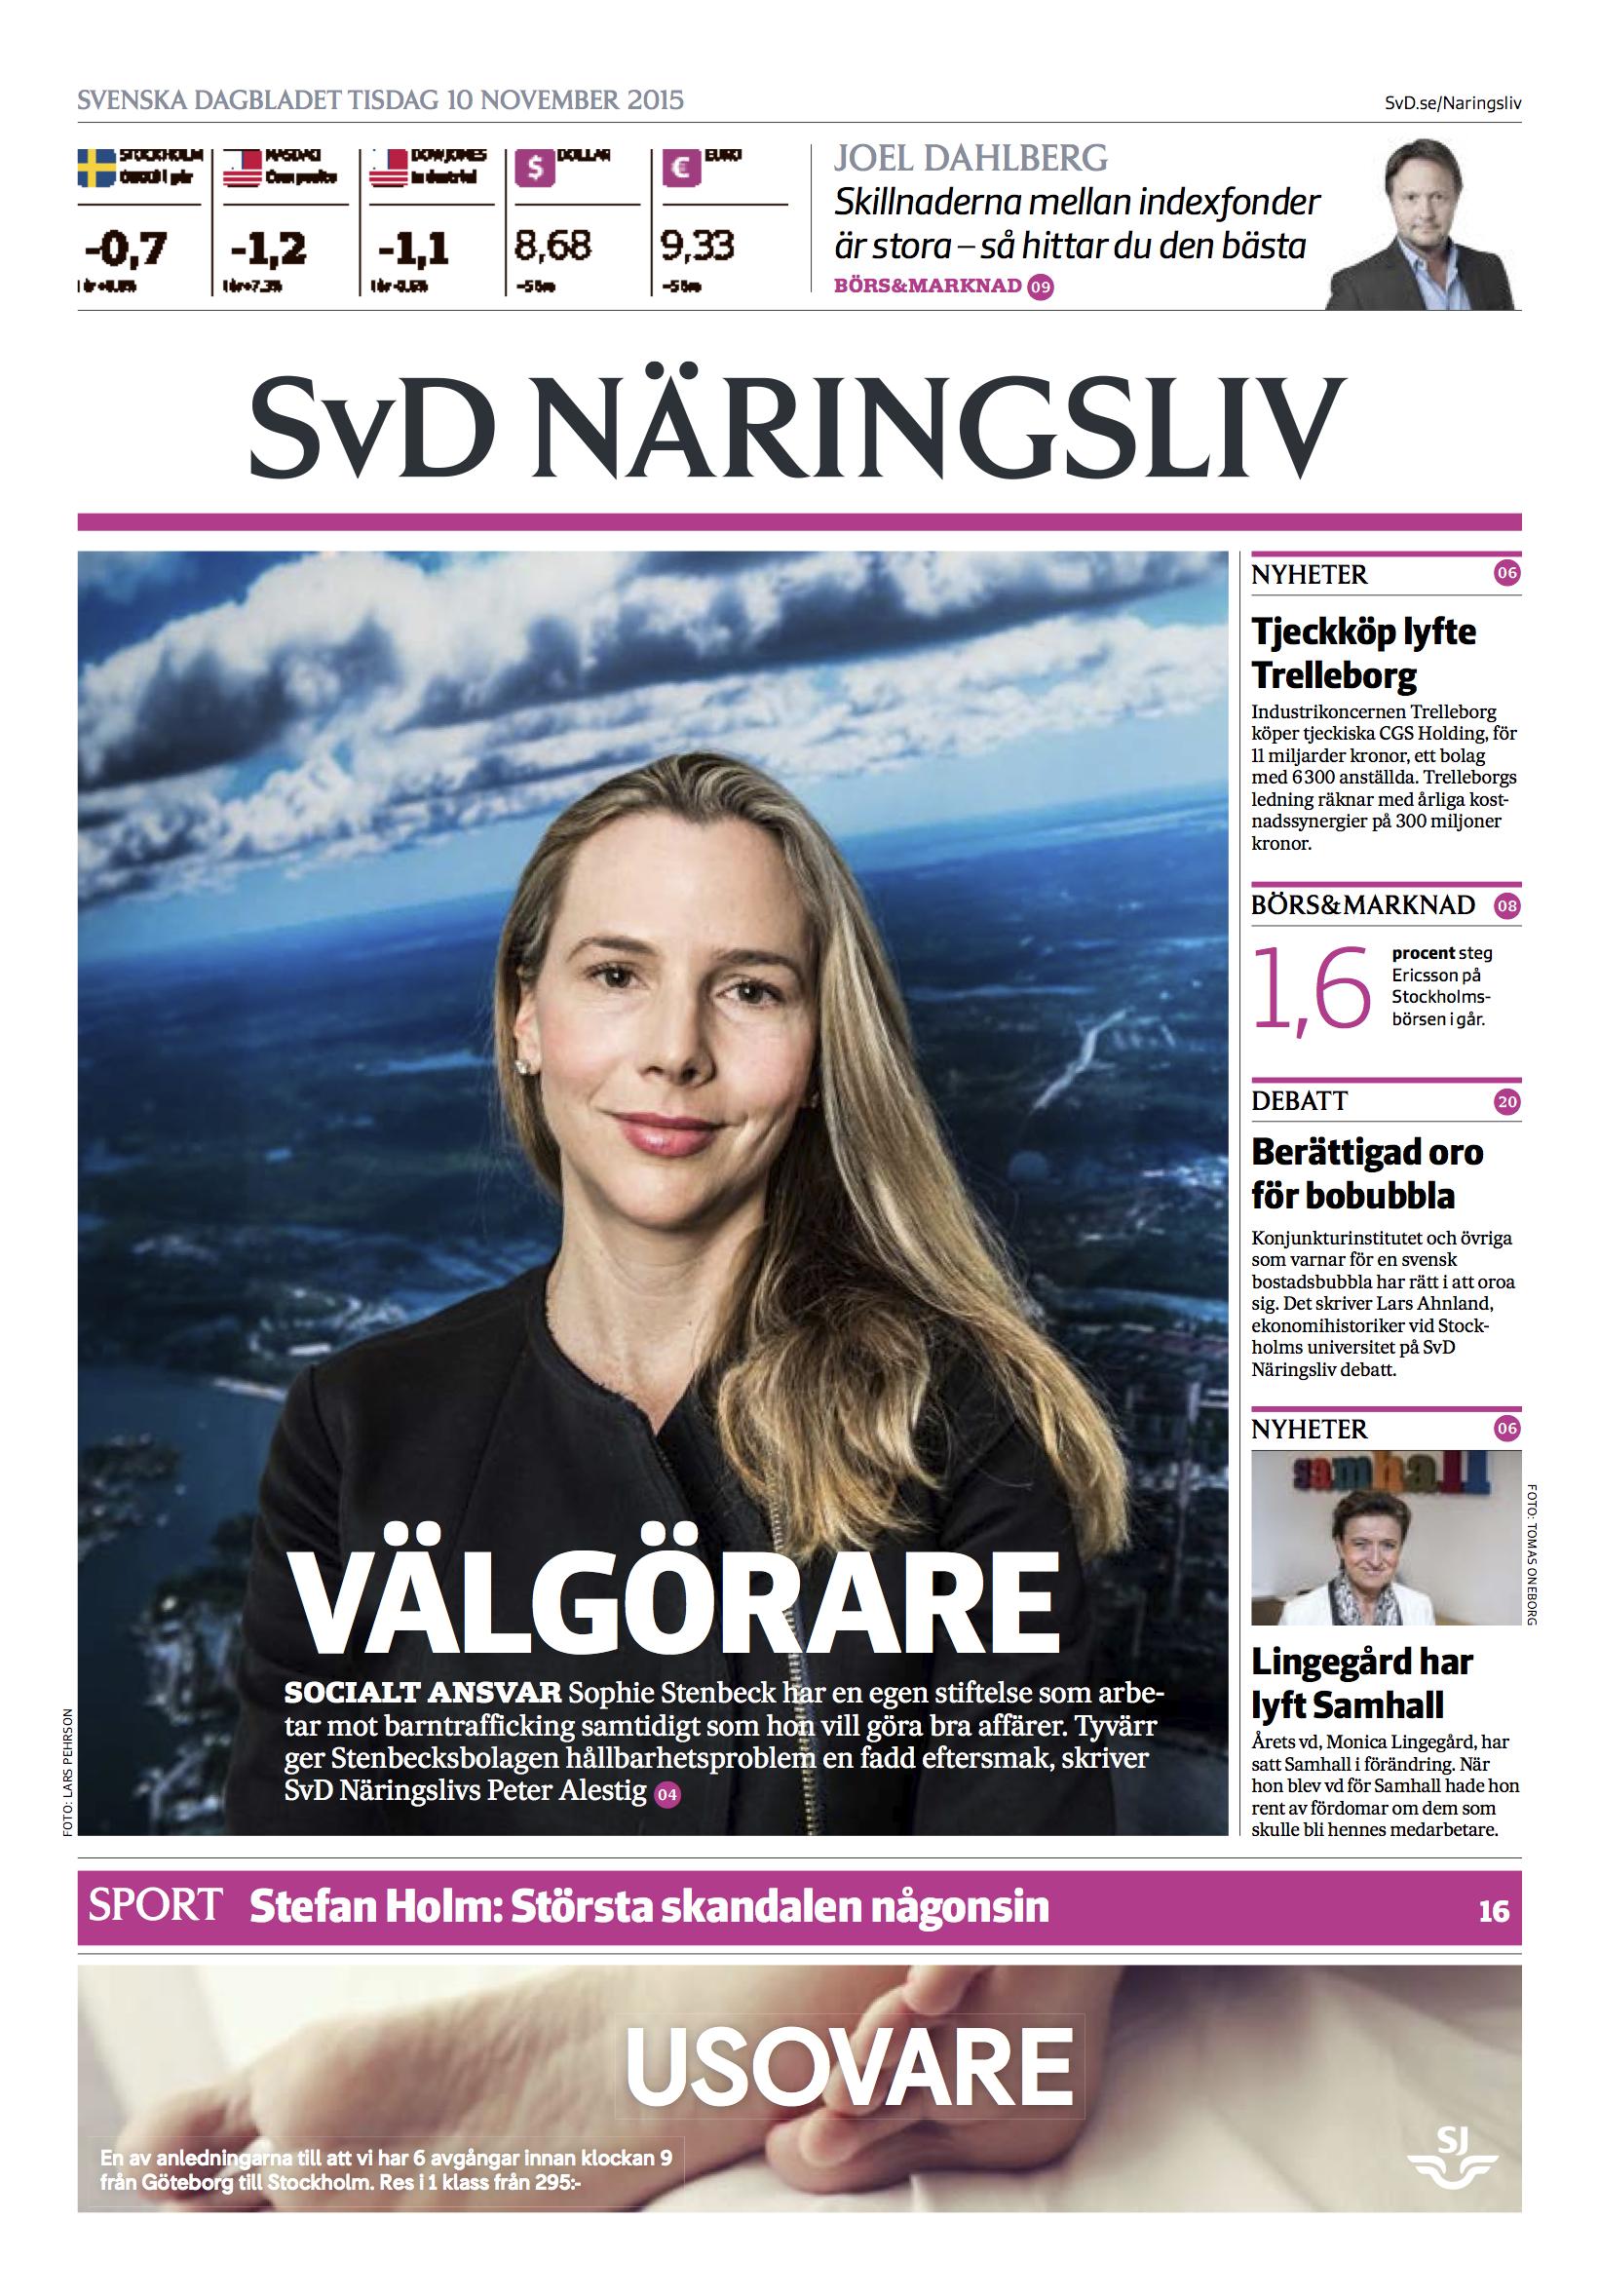 SVD Näringsliv_framsida_ Sophie Stenbeck 2015.jpg